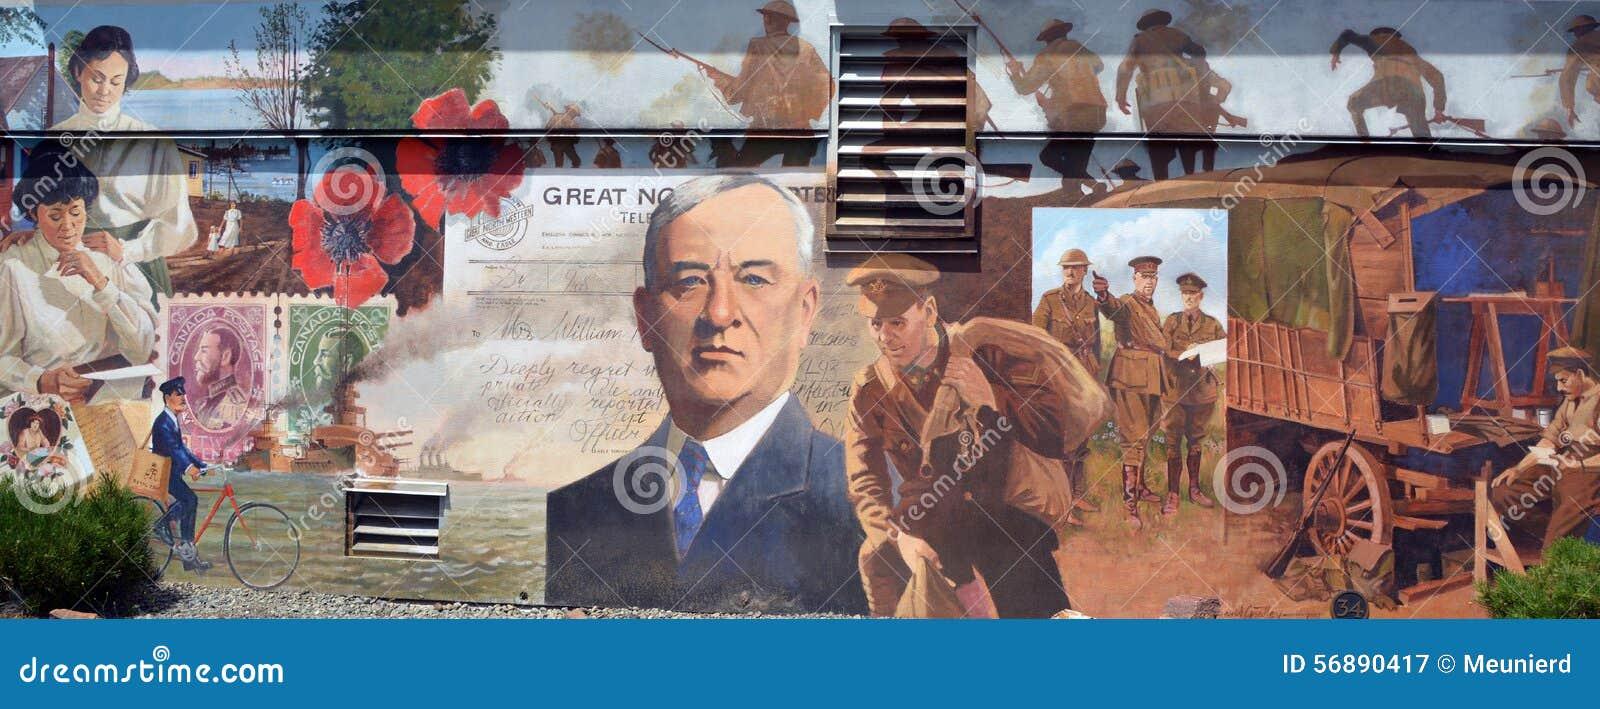 El mural cuenta la historia de Chemainus